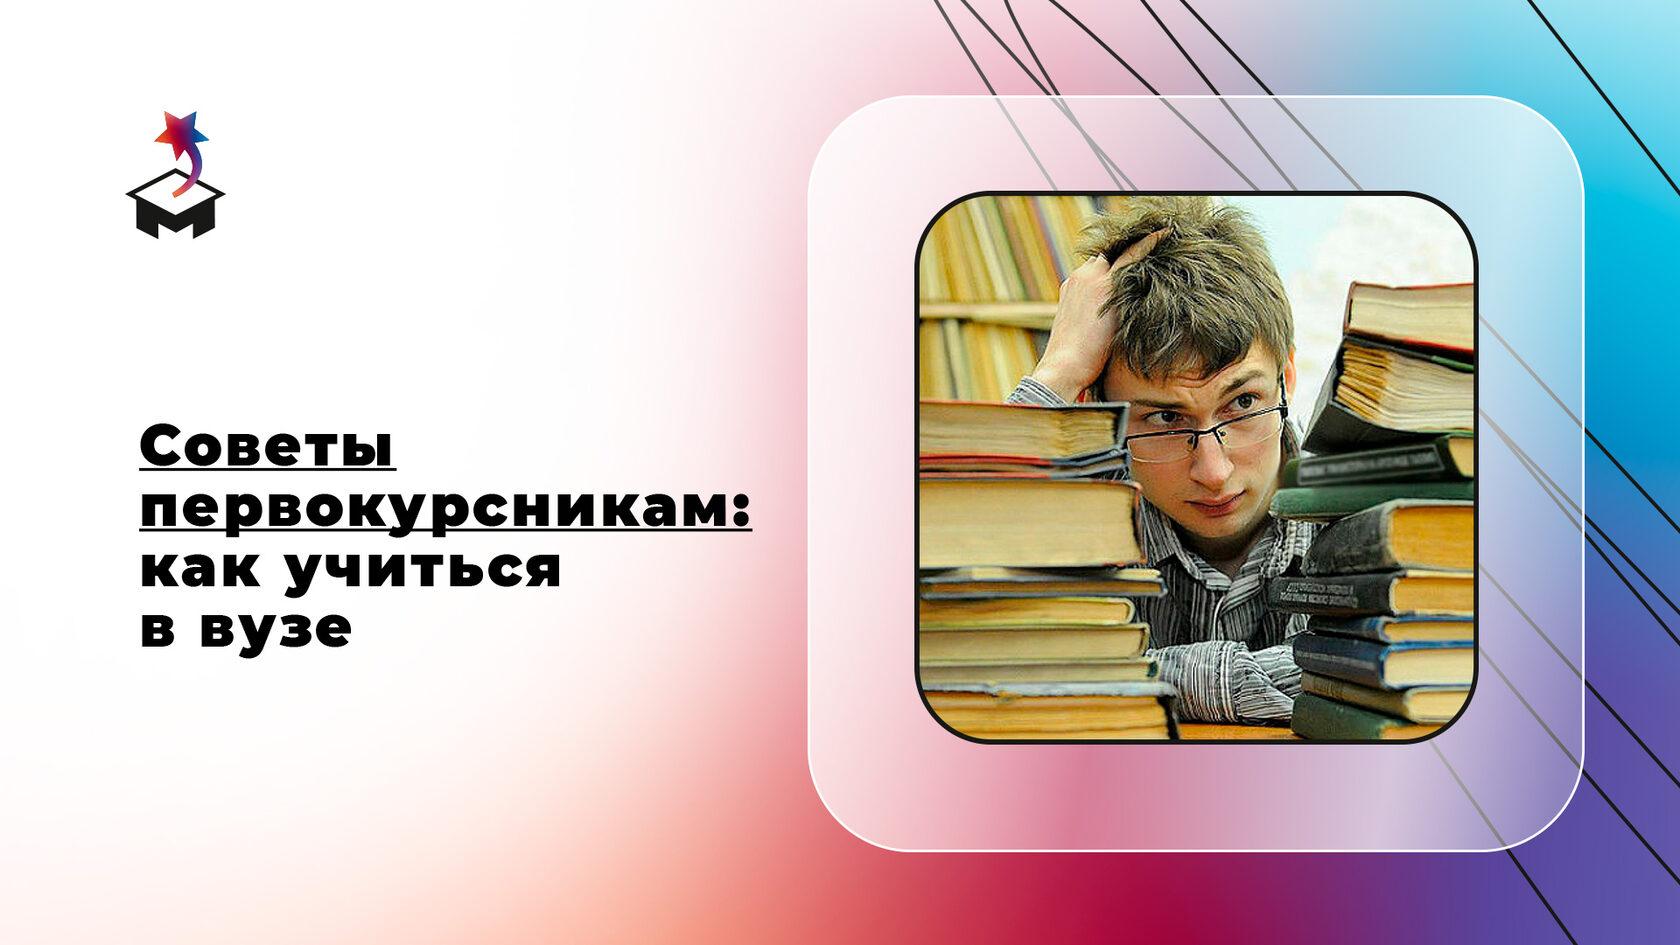 Юноша за книгами